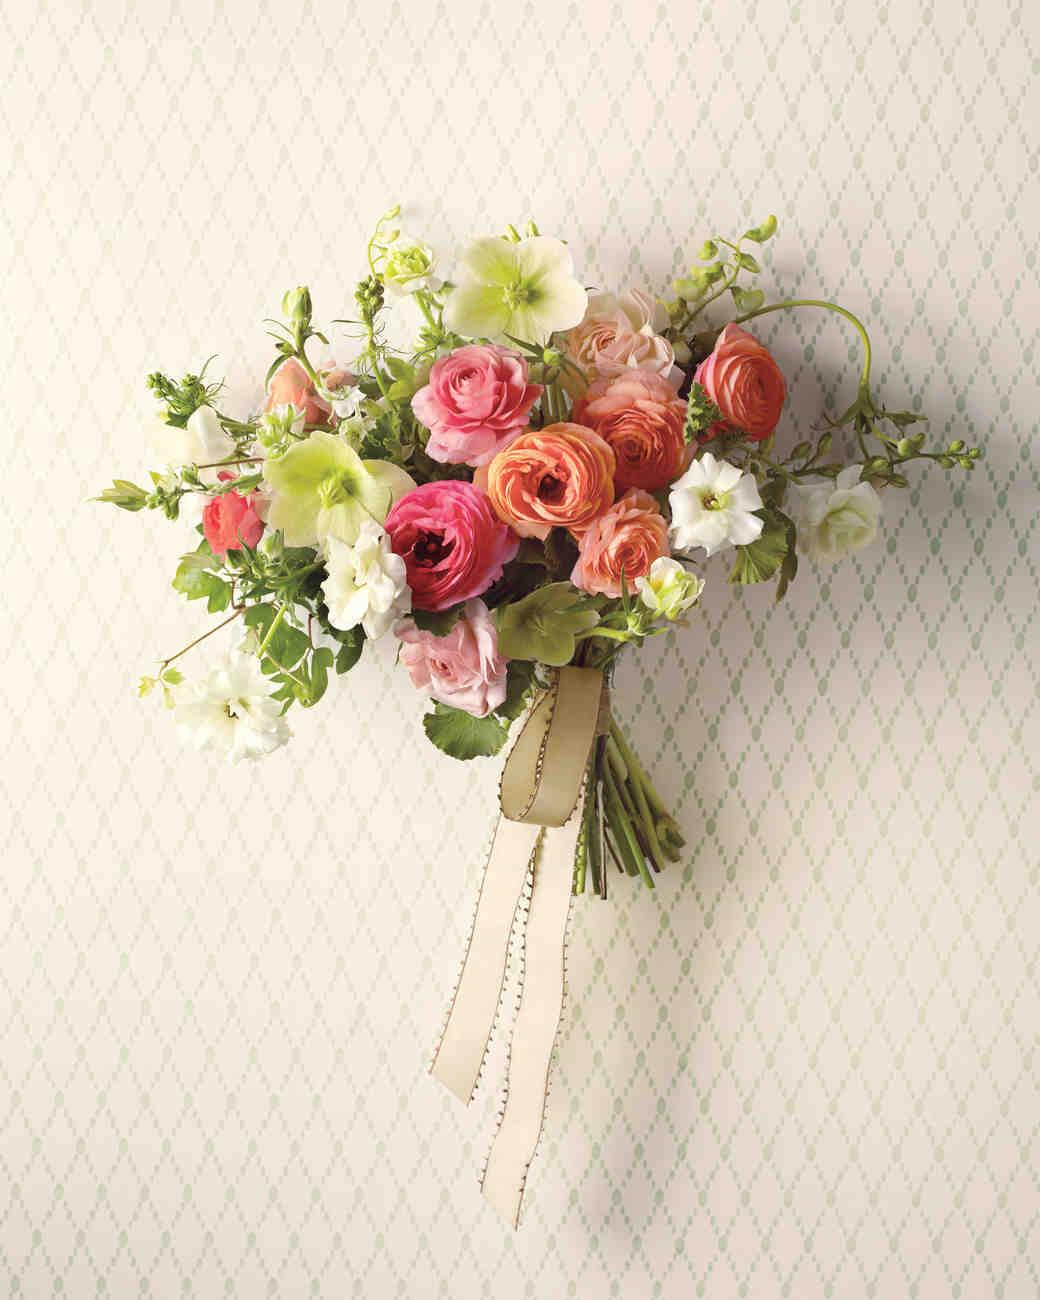 bouquet-2-073-d111124.jpg